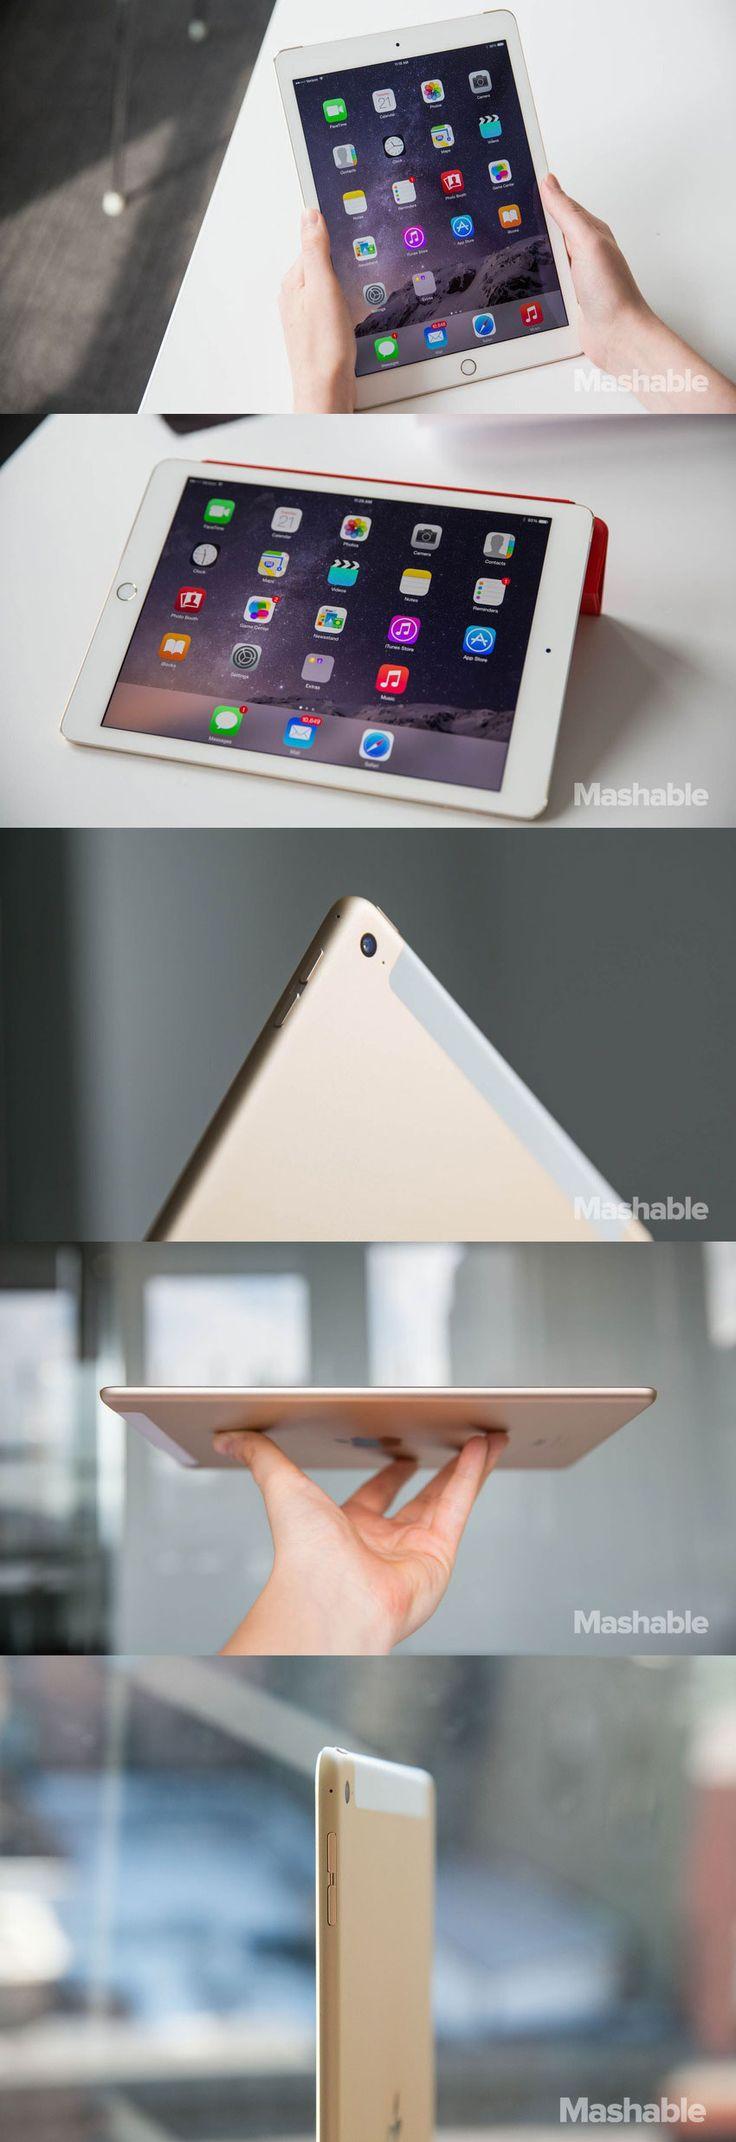 The Apple iPad Air 2.